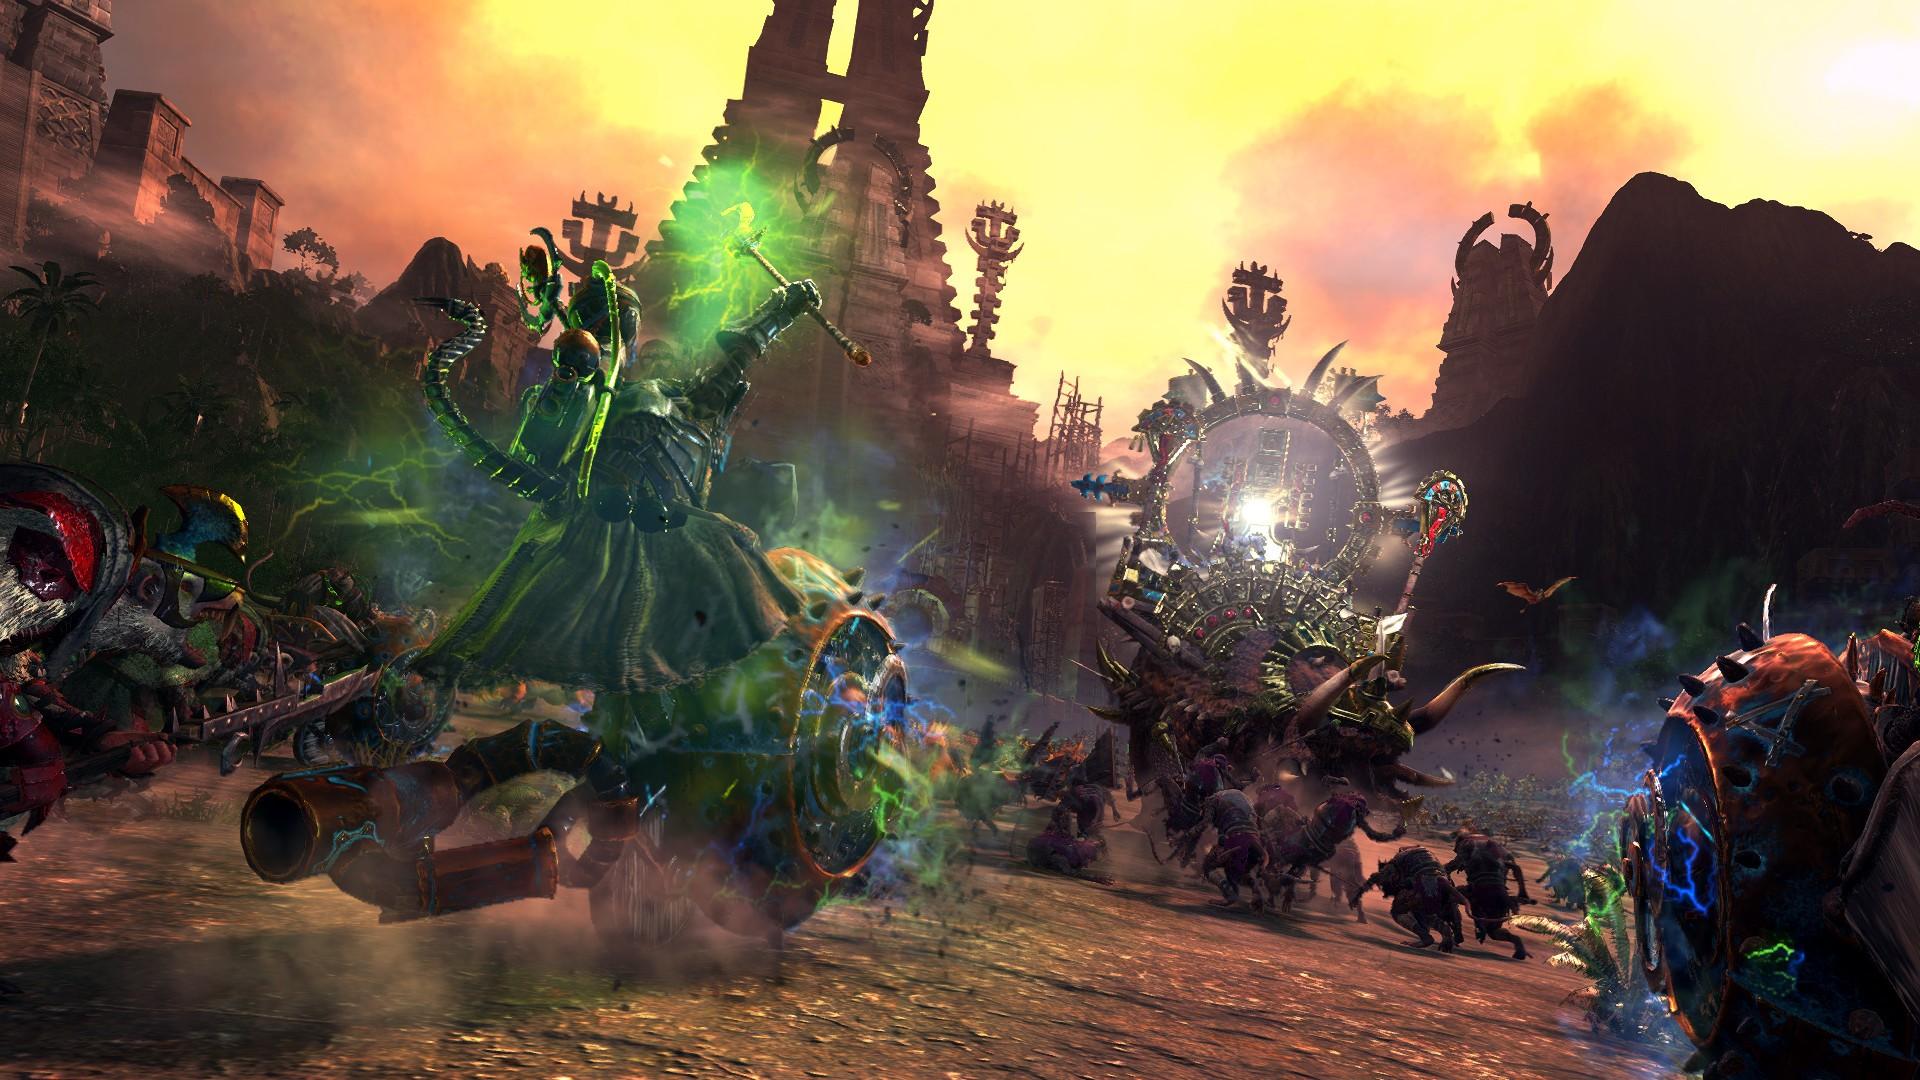 The Under Screenshot 3